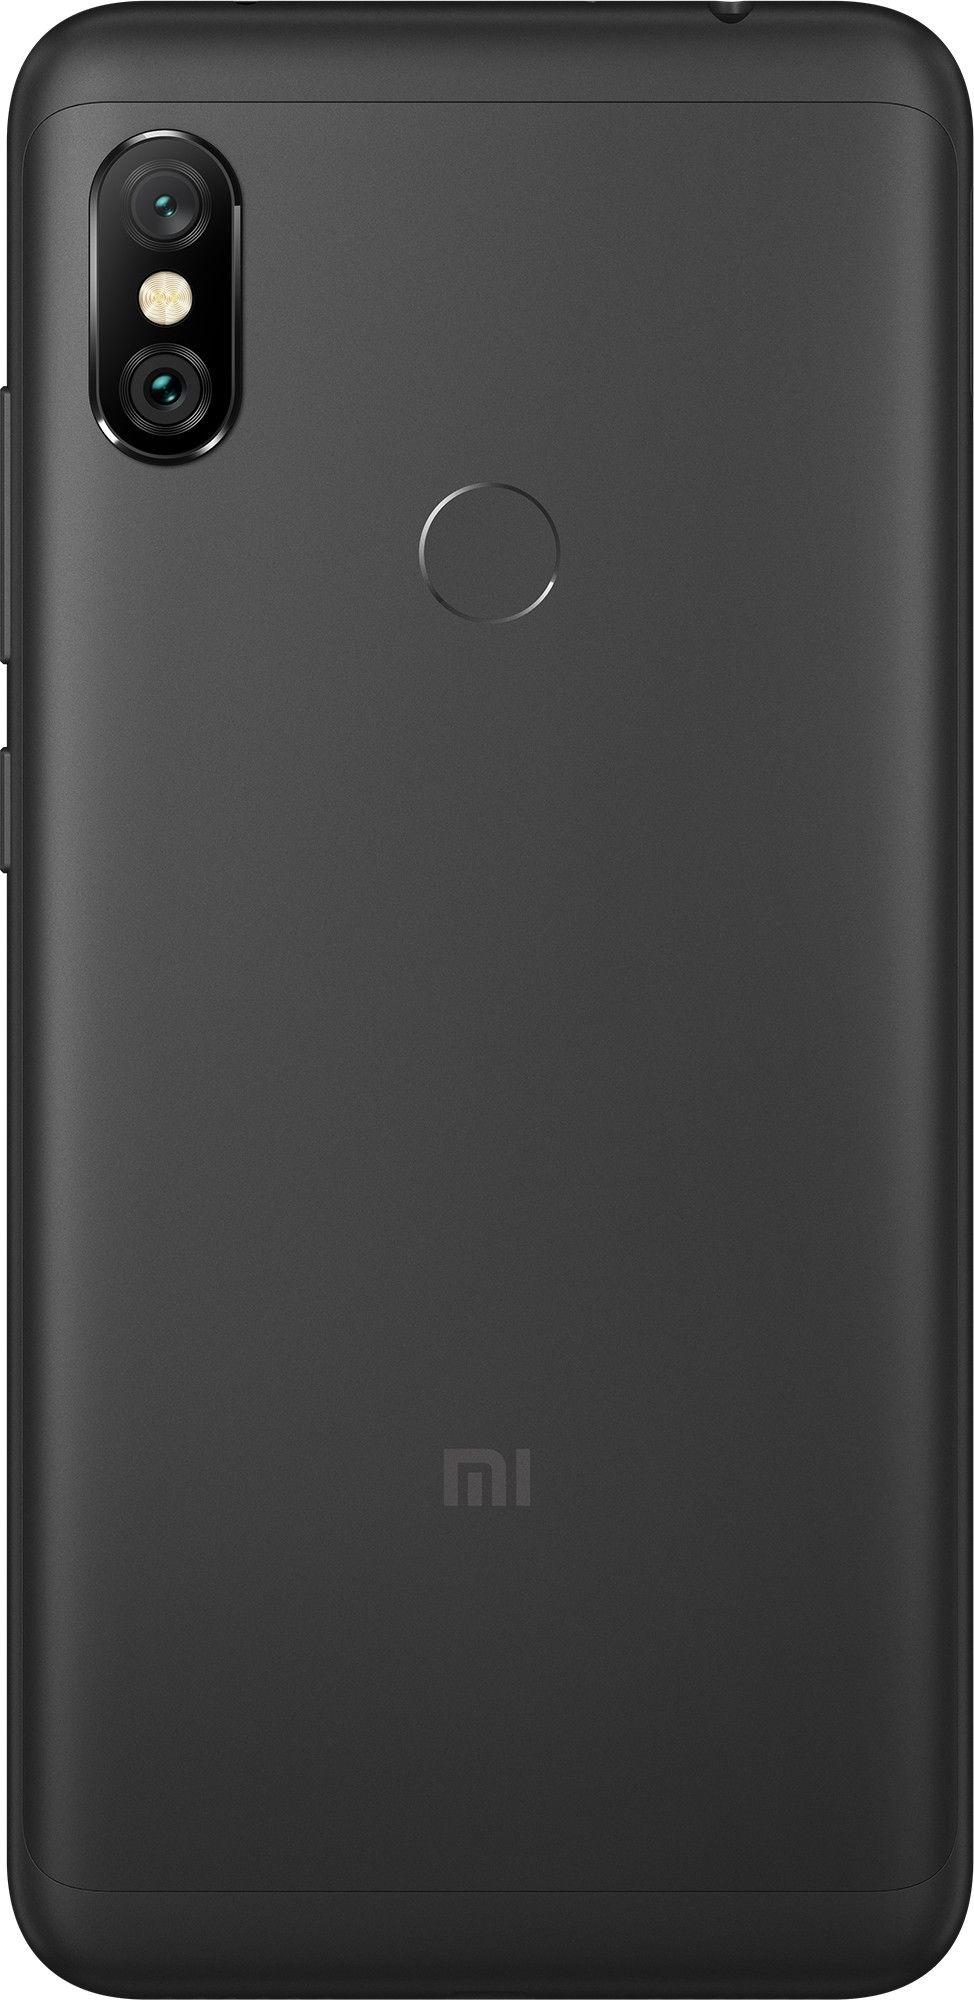 Смартфон Xiaomi Redmi Note 6 Pro 3/32GB Black от Територія твоєї техніки - 6